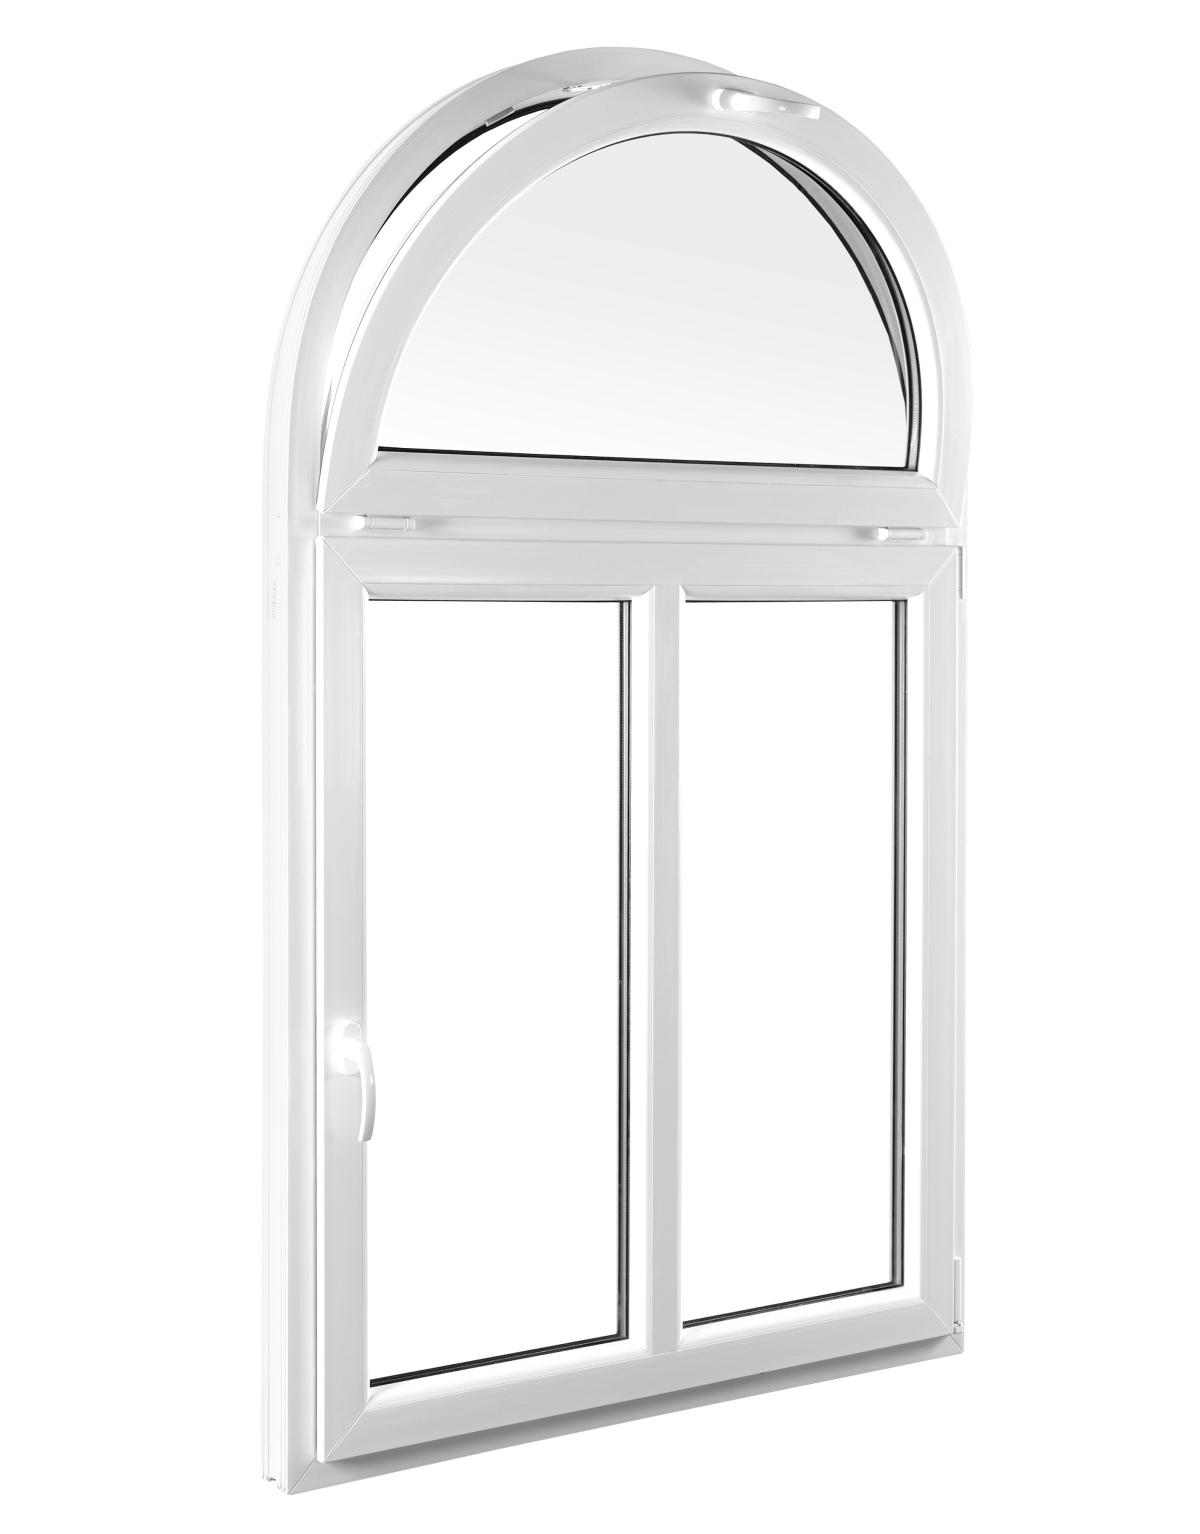 Fenster: PVC-, Alu-, Holz- oder Kombi? - BundesBauBlatt